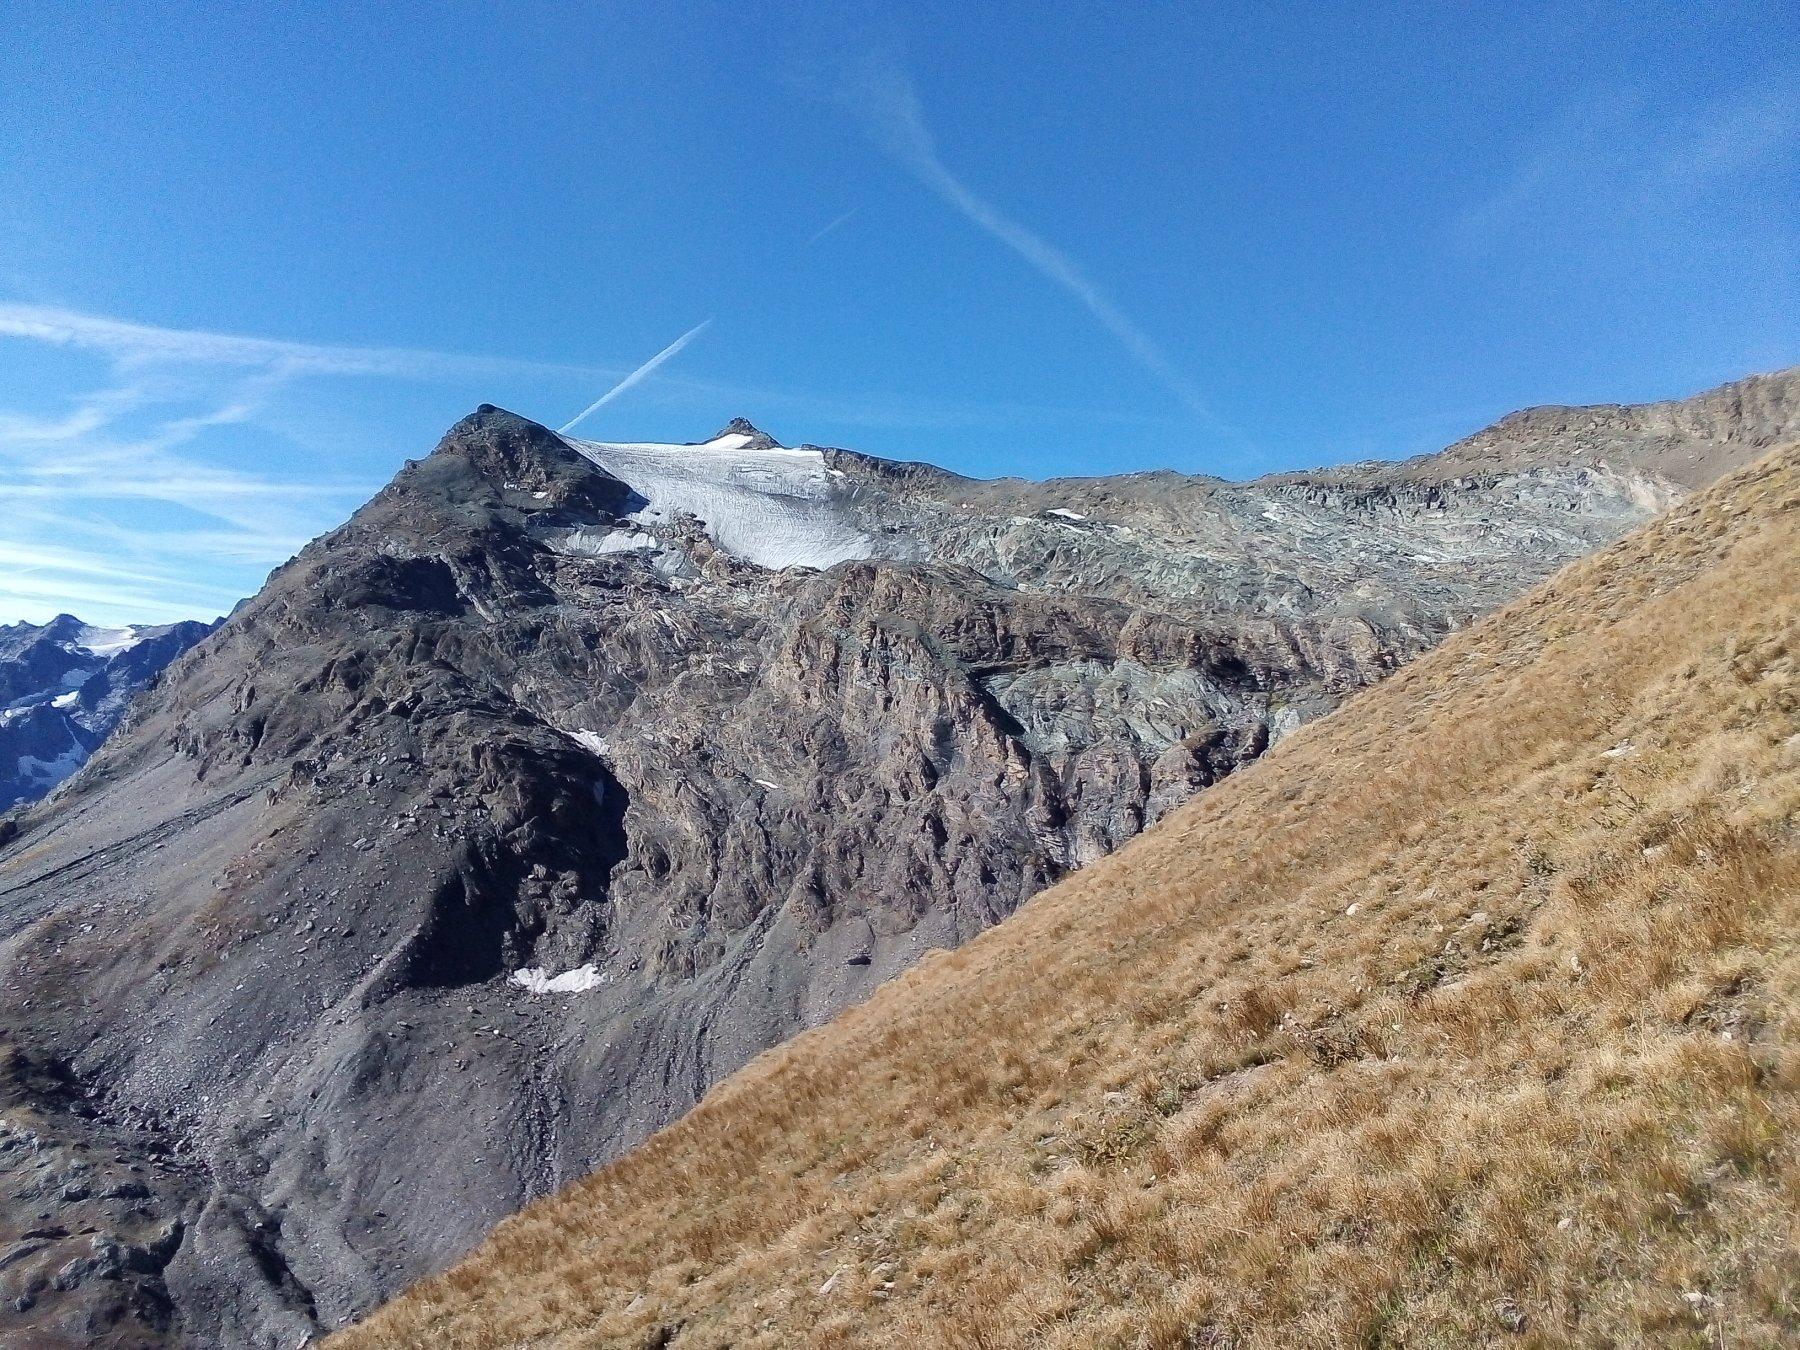 Sullo sfondo, da dietro il ghiacciao verso dx, la vetta, la cresta finale, il col Basei e l'evidente, lungo traverso in discesa fra rocce e pietraie.